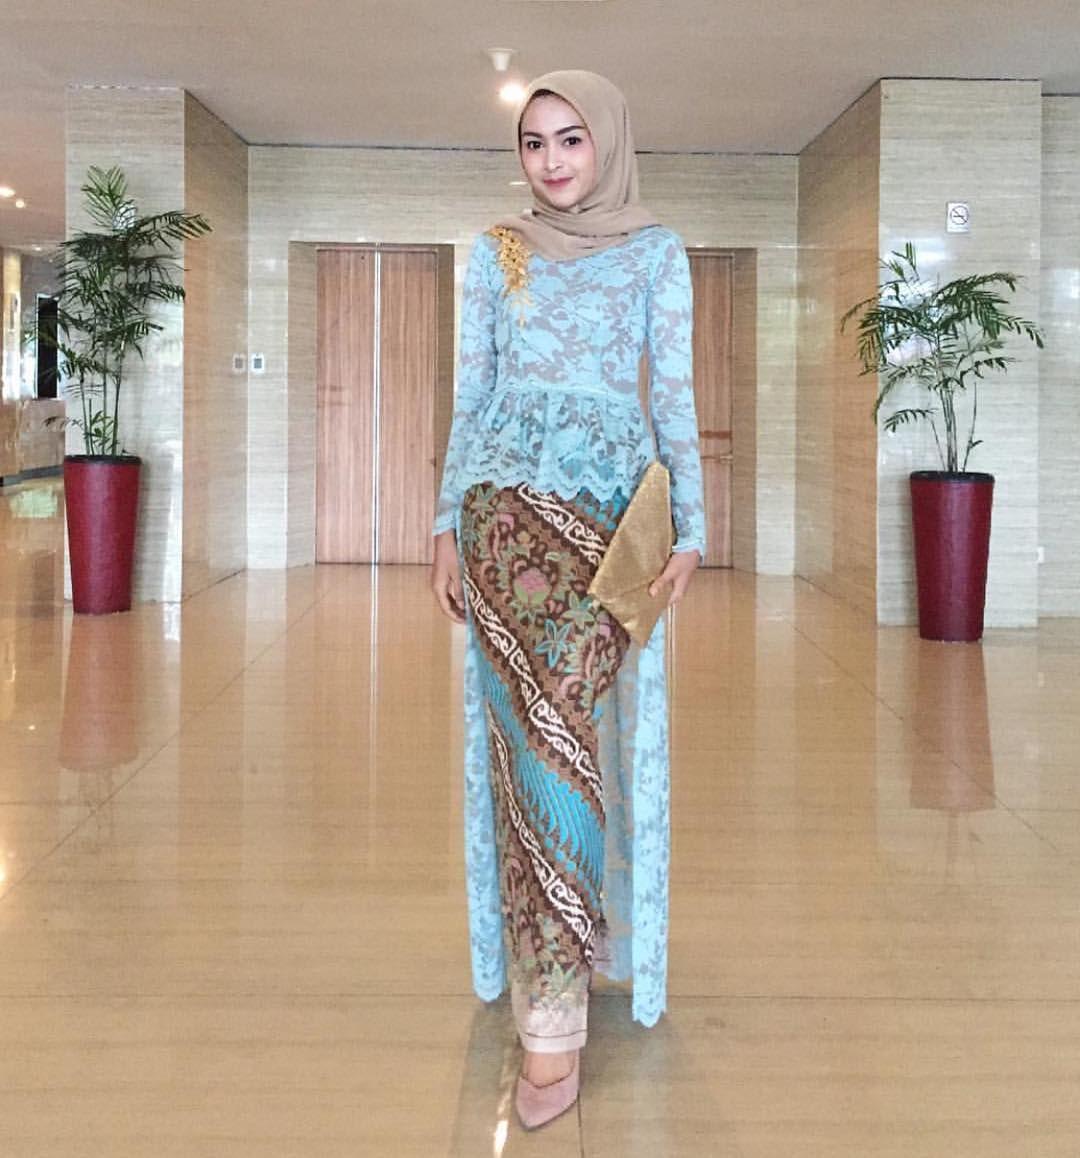 Contoh Gambar Baju Batik Modern: Inspirasi Kebaya Modern Brokat Biru Dengan Rok Batik